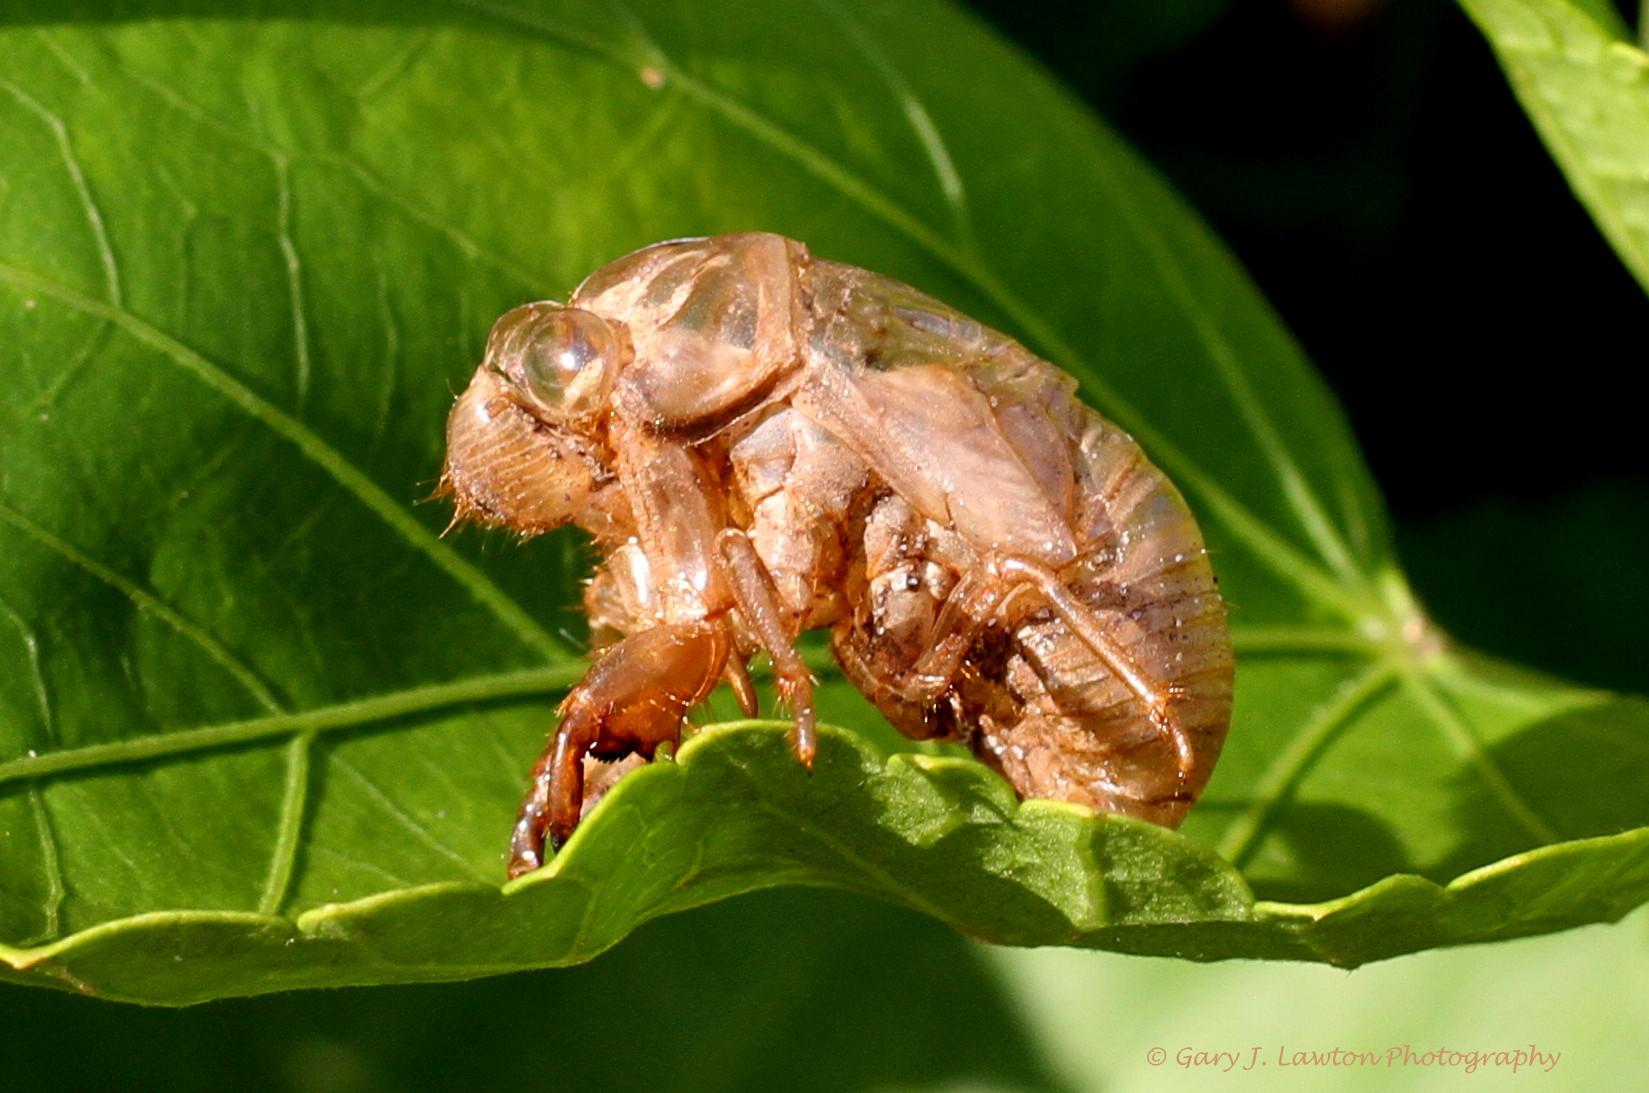 cicada nymph - photo #7